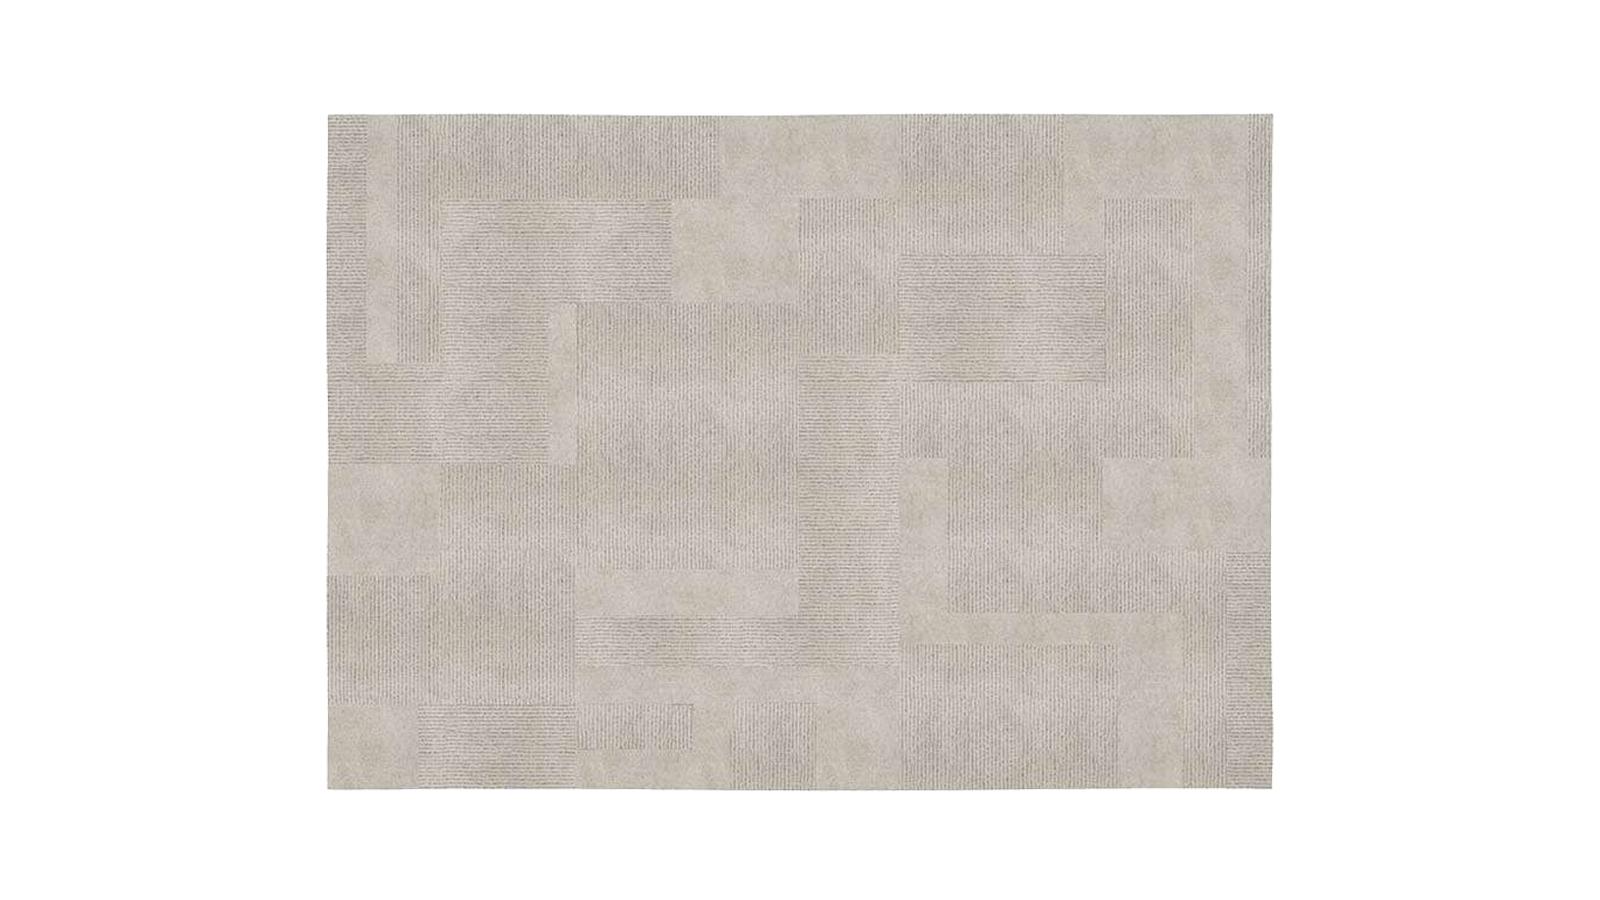 Nemes egyszerűség: ez a Caldes szőnyegek legfőbb ismertetőjegye. A mű- és botanikus selyem keverékéből összeálló kiegészítők visszafogott, mégis nemes kellékei lehetnek az étkezőknek, nappaliknak, irodáknak egyaránt.